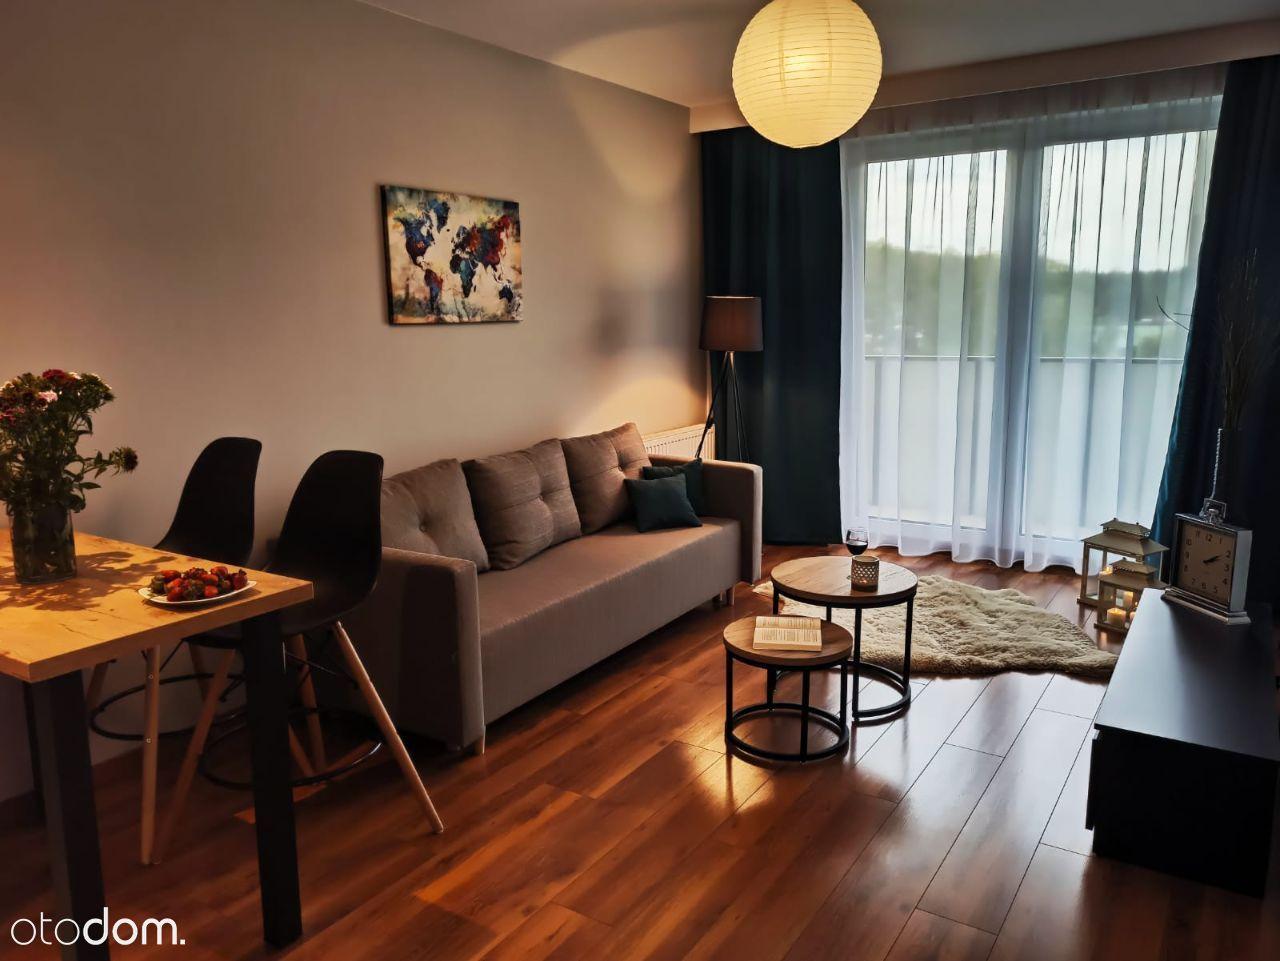 Nowoczesne mieszkanie 2 pokojowe Tychy 41m2,Żorska